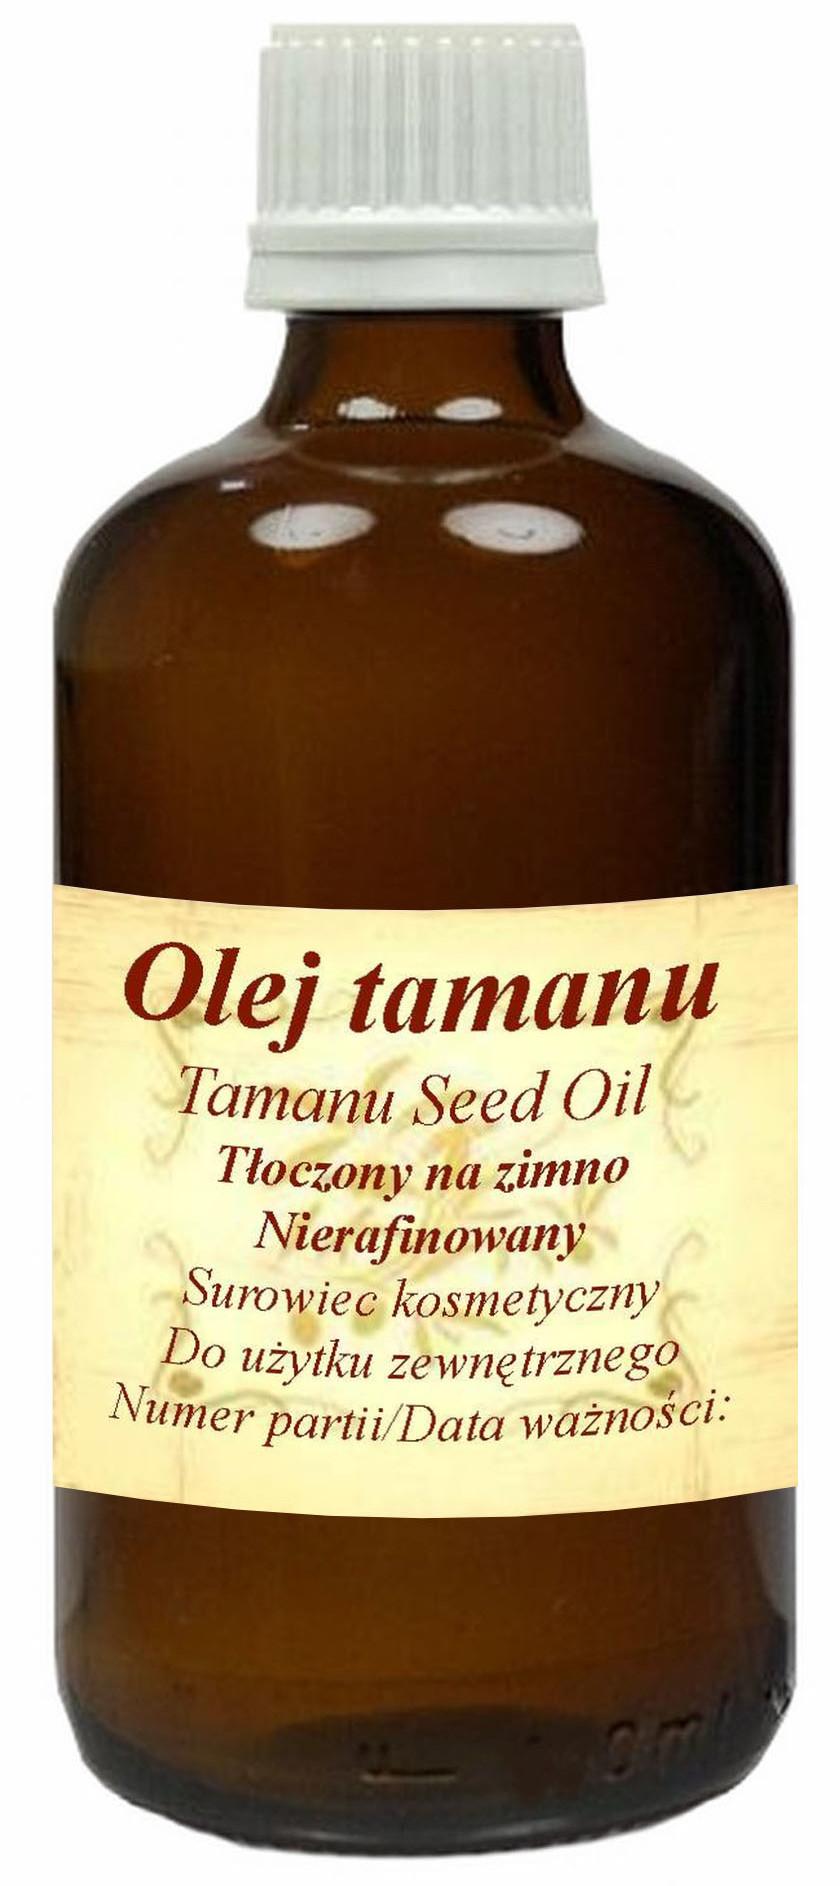 Olej Tamanu 30ml zimnotłoczony na problemy skórne